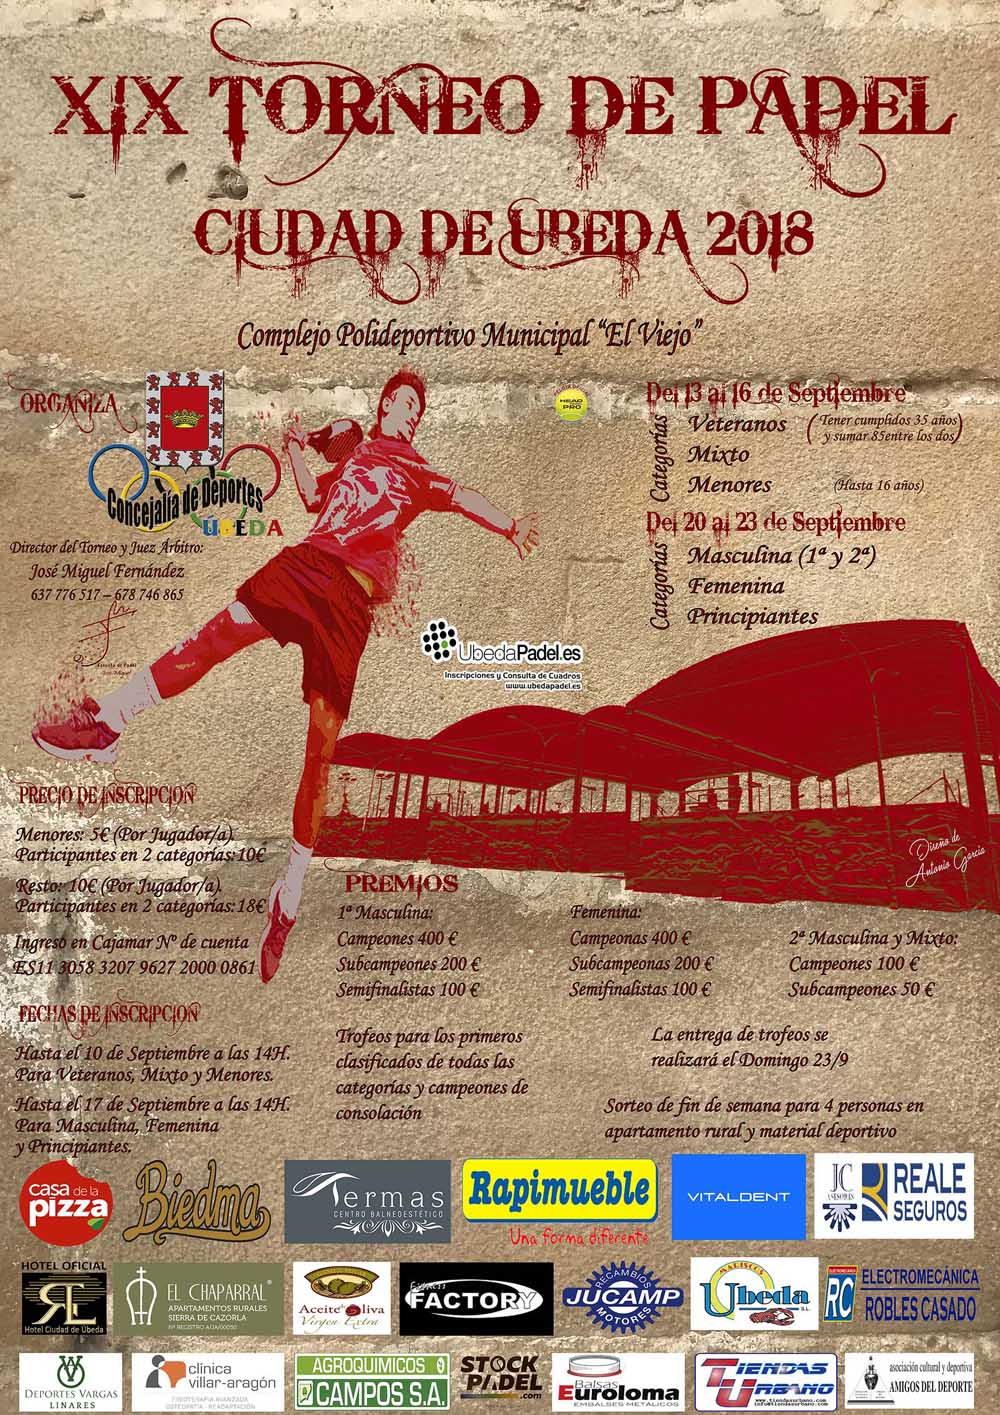 Cartel del XIX Torneo de pádel Ciudad de Úbeda